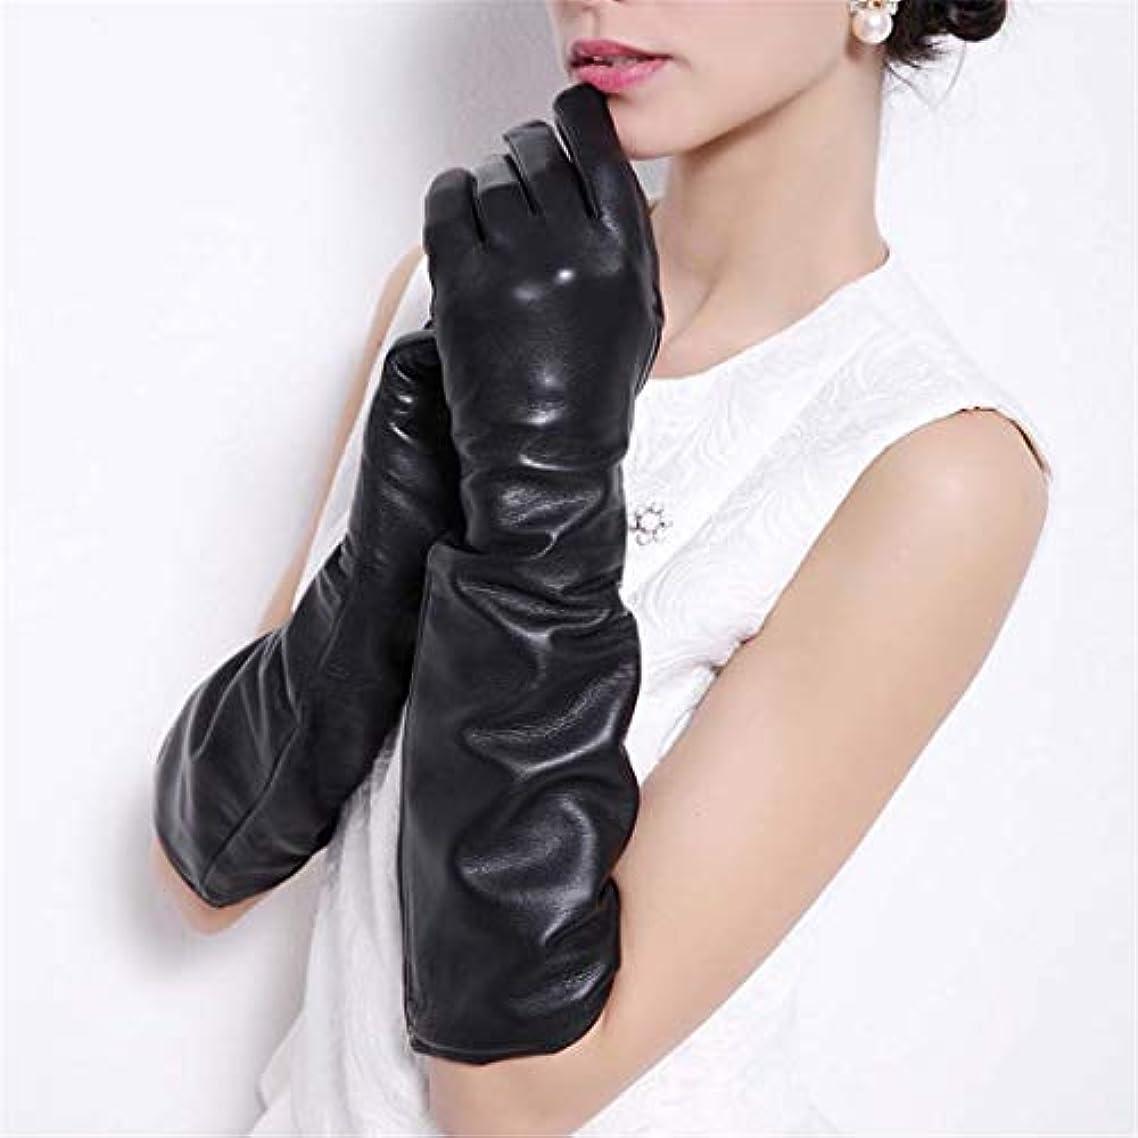 標高農場調和のとれたレディースファッションロング秋と冬の手袋イブニング機関車寒い冬暖かい黒手袋S-XL